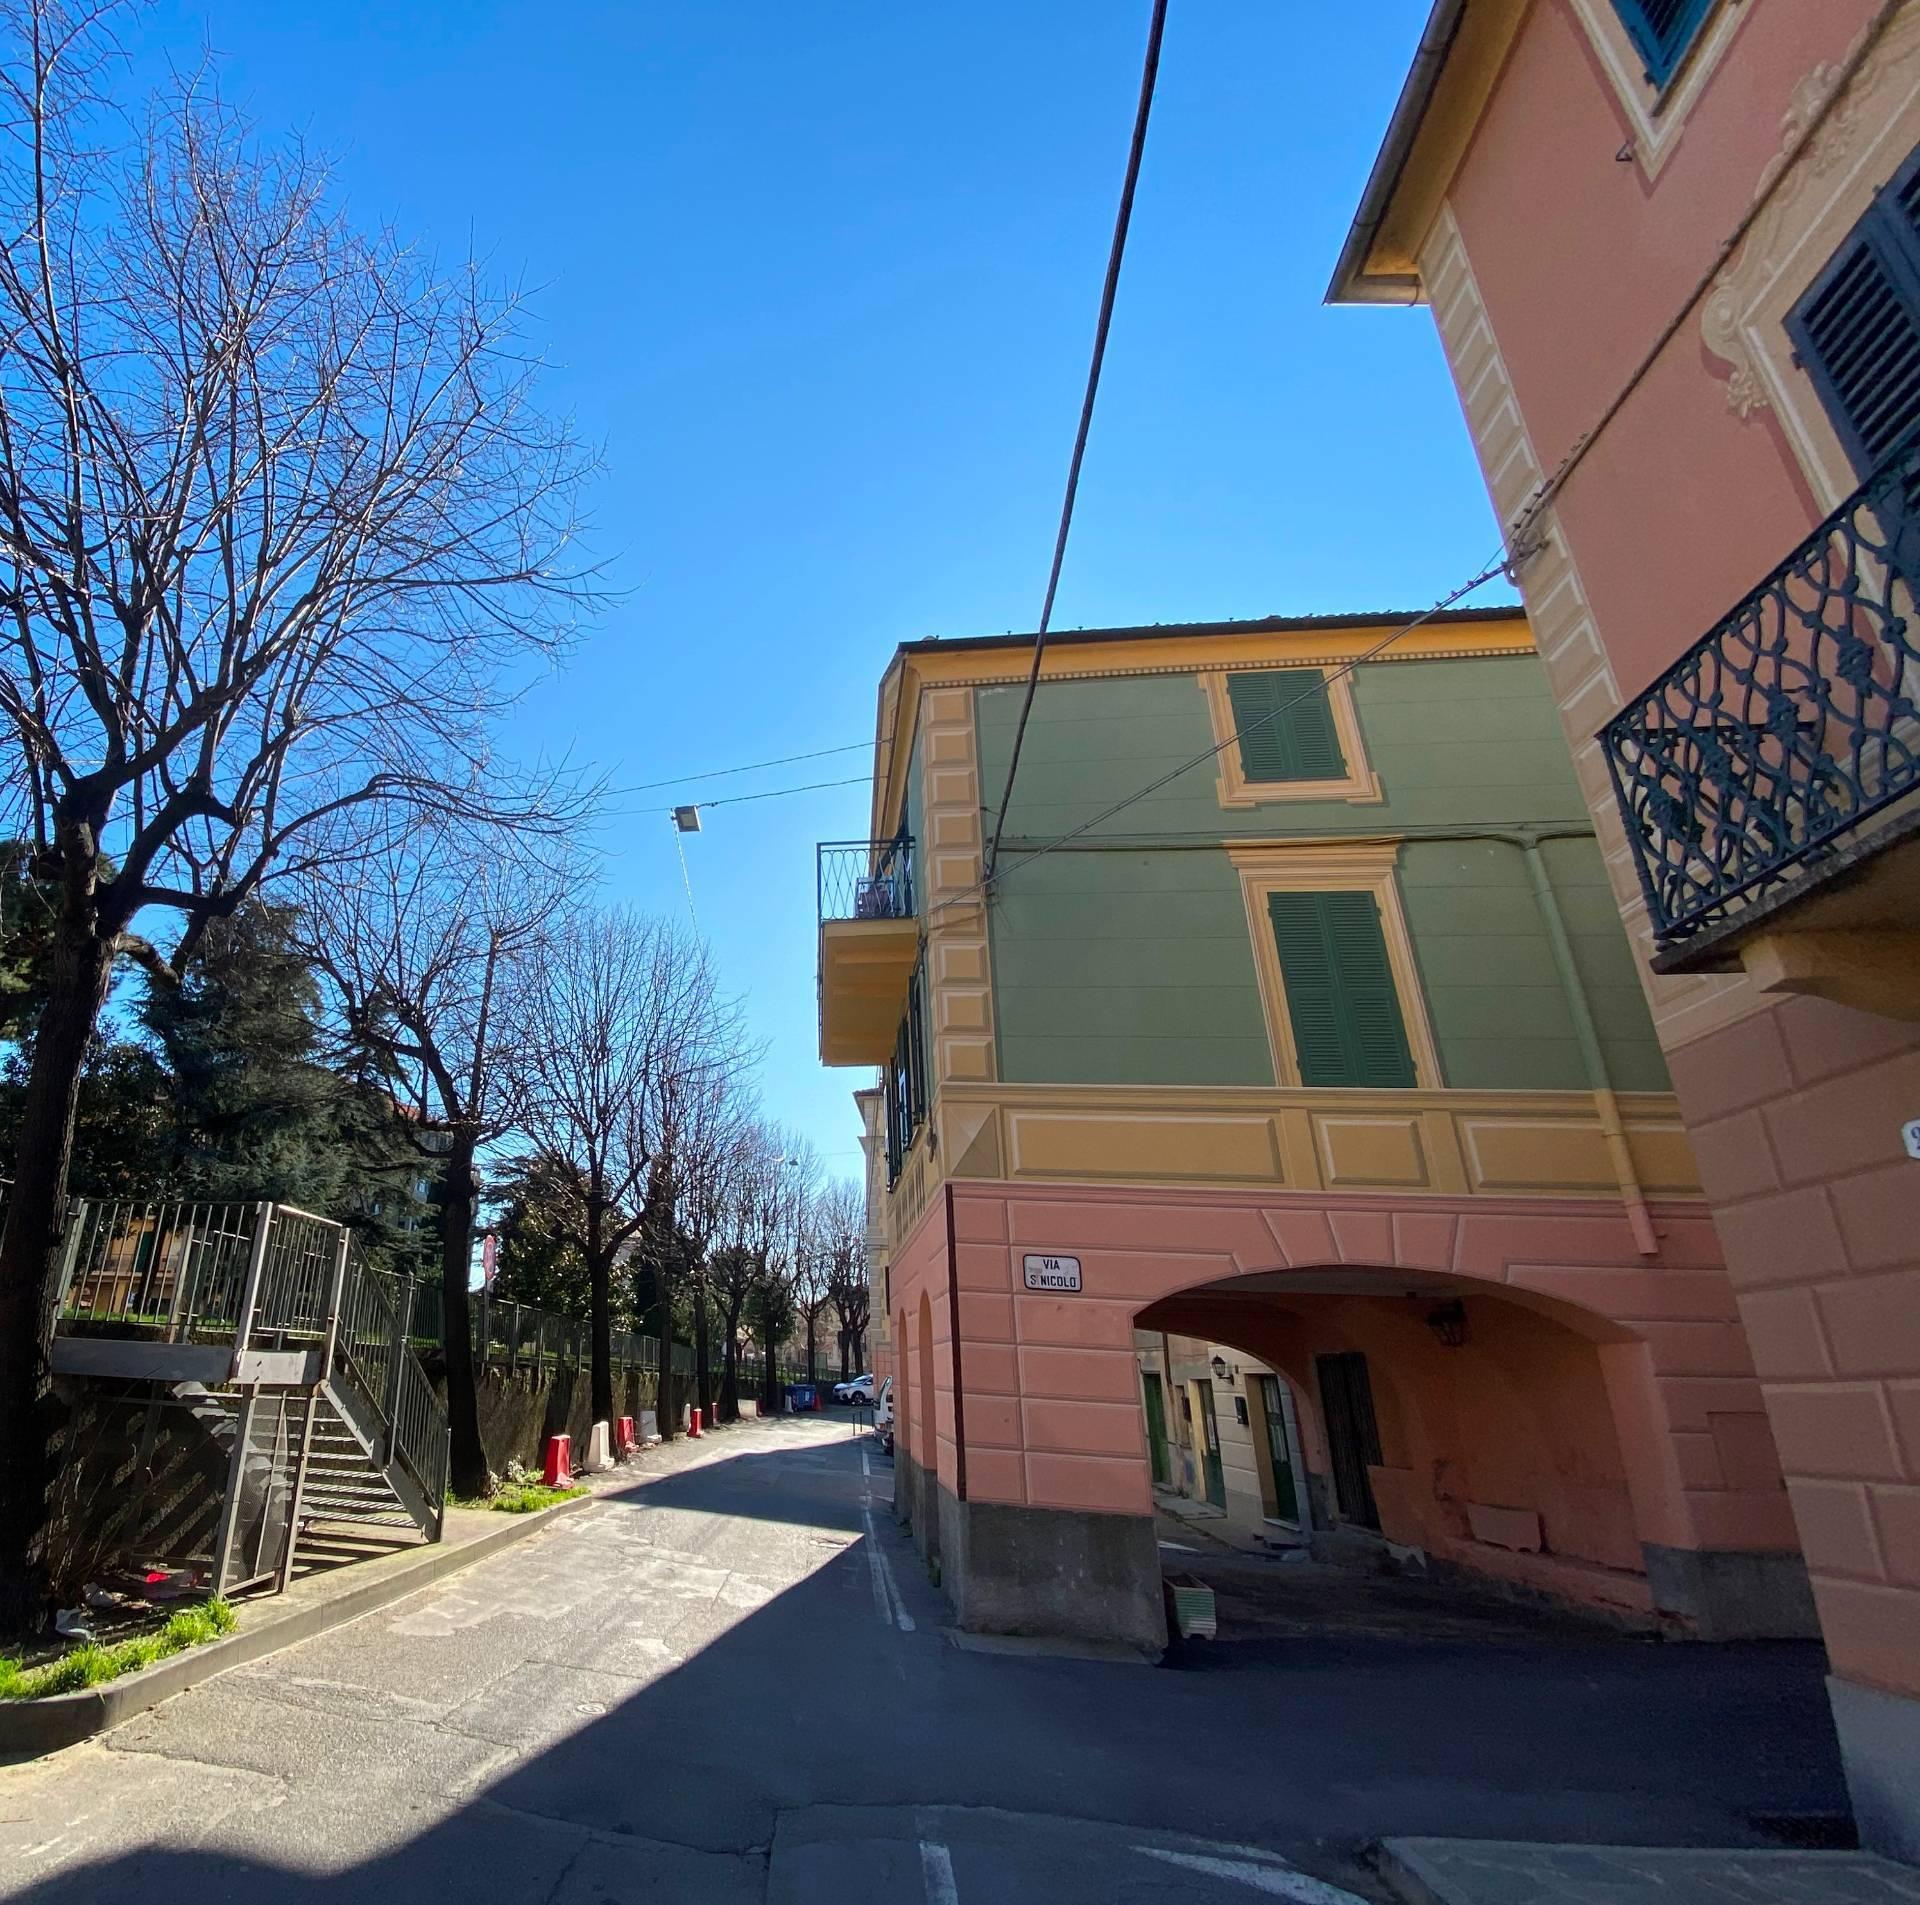 Negozio / Locale in affitto a Albisola Superiore, 9999 locali, prezzo € 350 | PortaleAgenzieImmobiliari.it